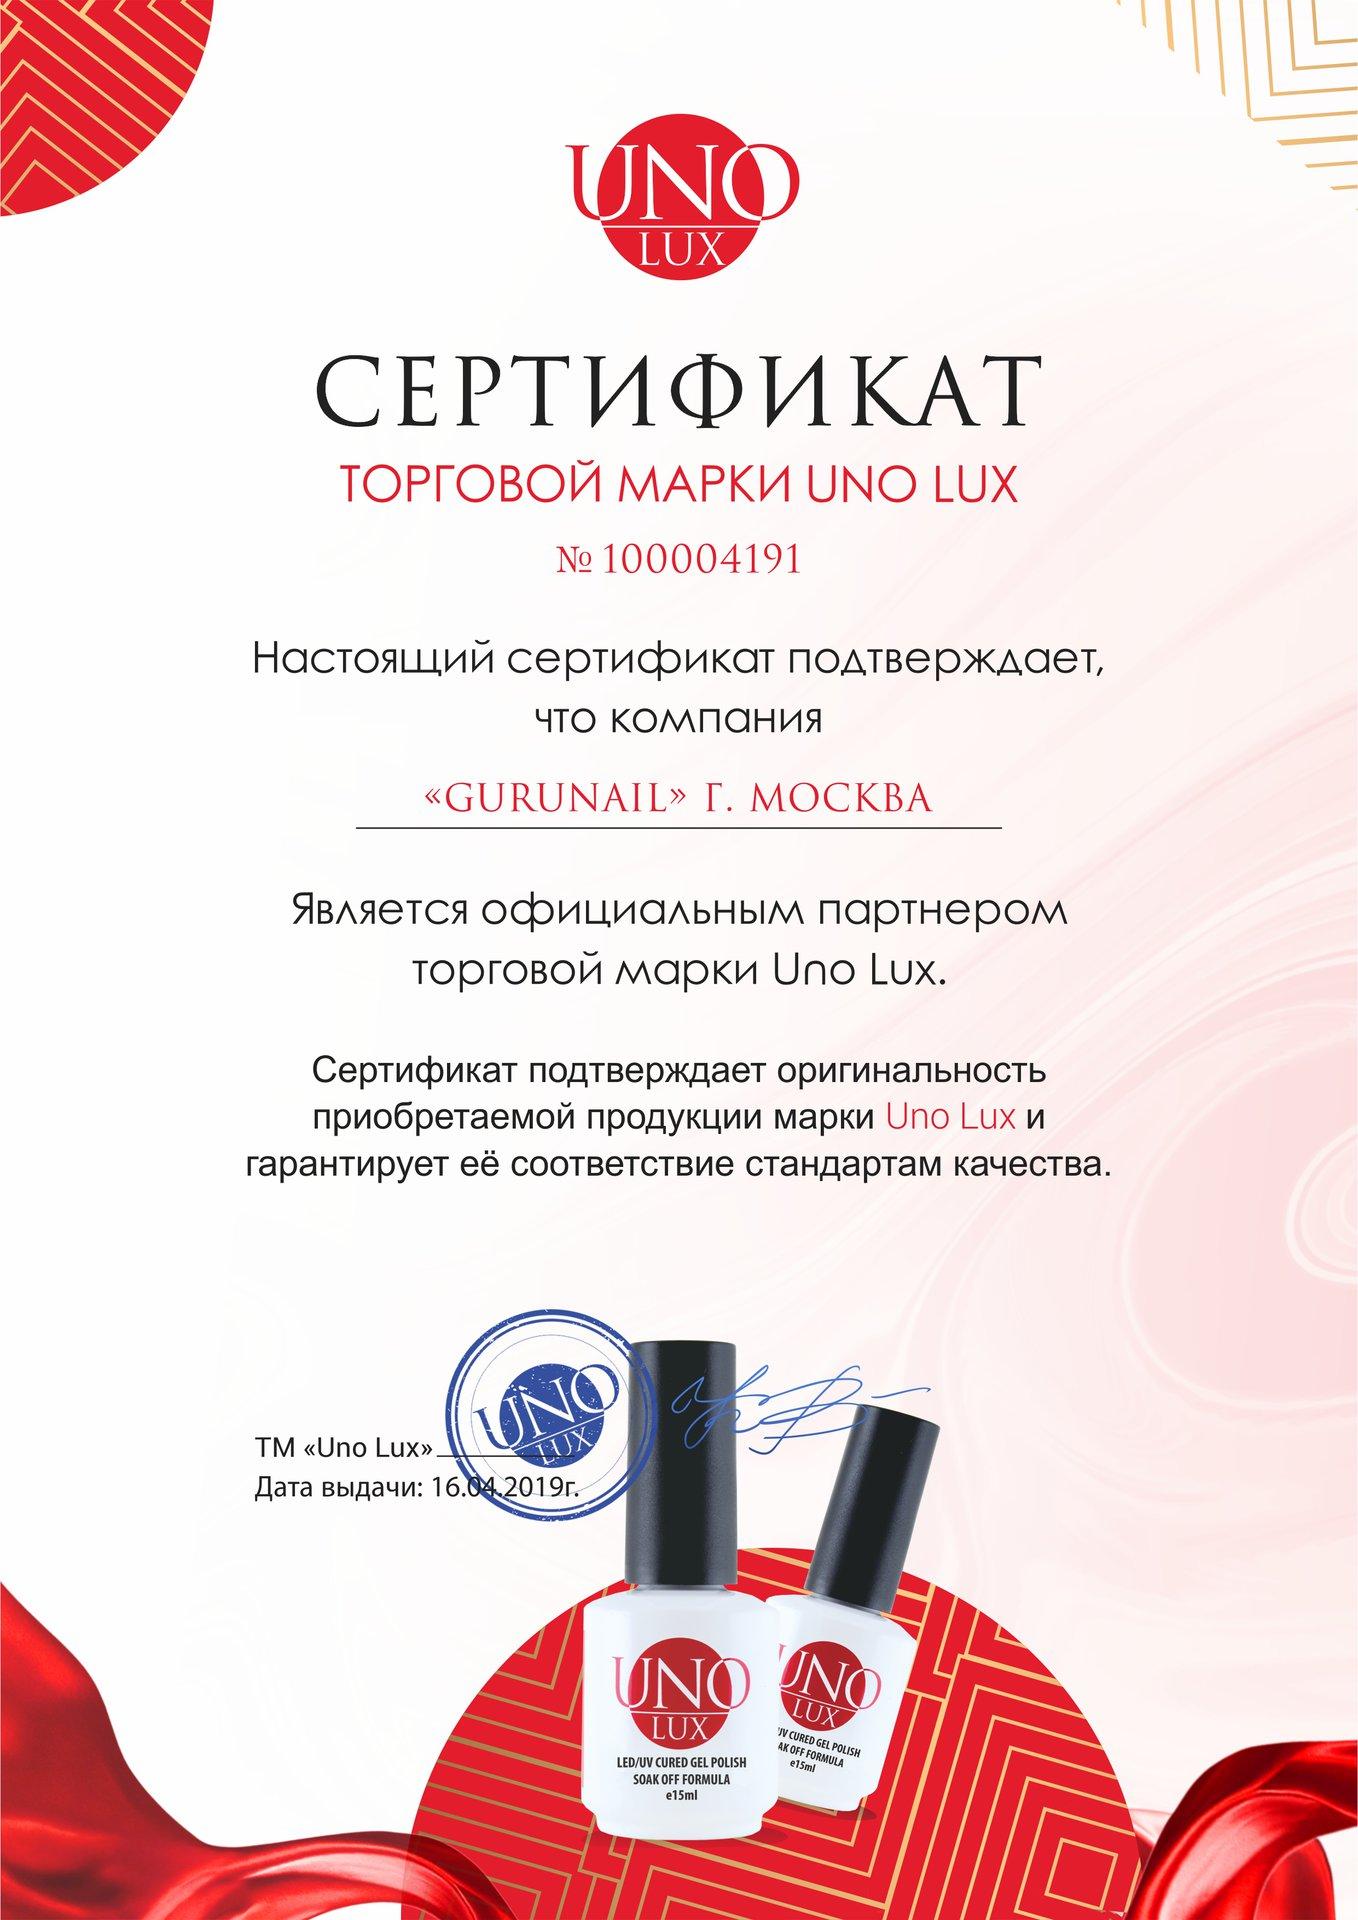 Официальнный партнер Uno Lux